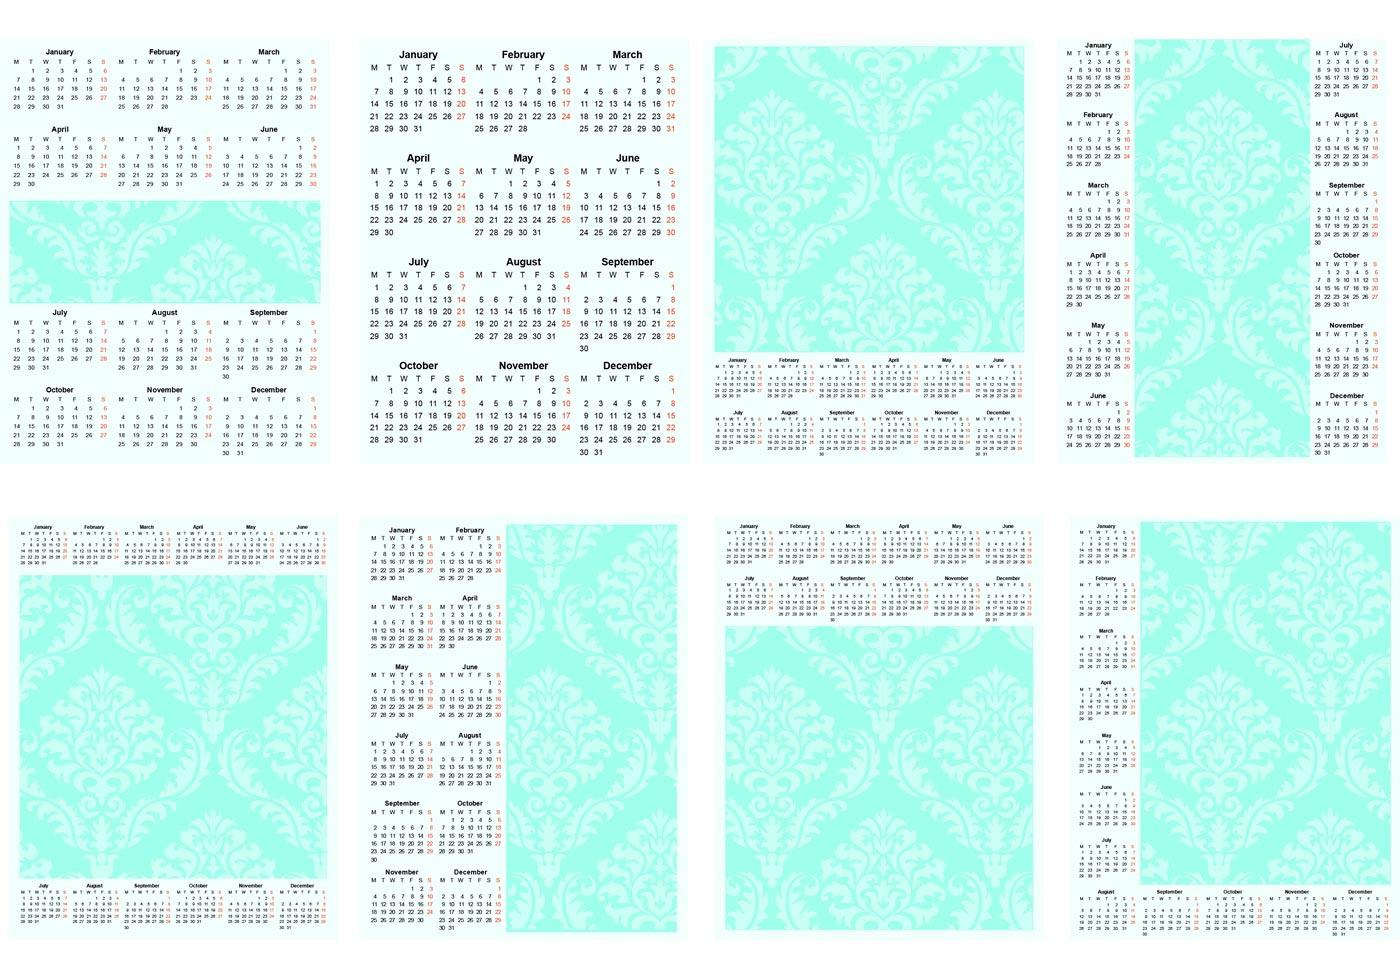 Calendar Template Vector : Vector template calendar download free art